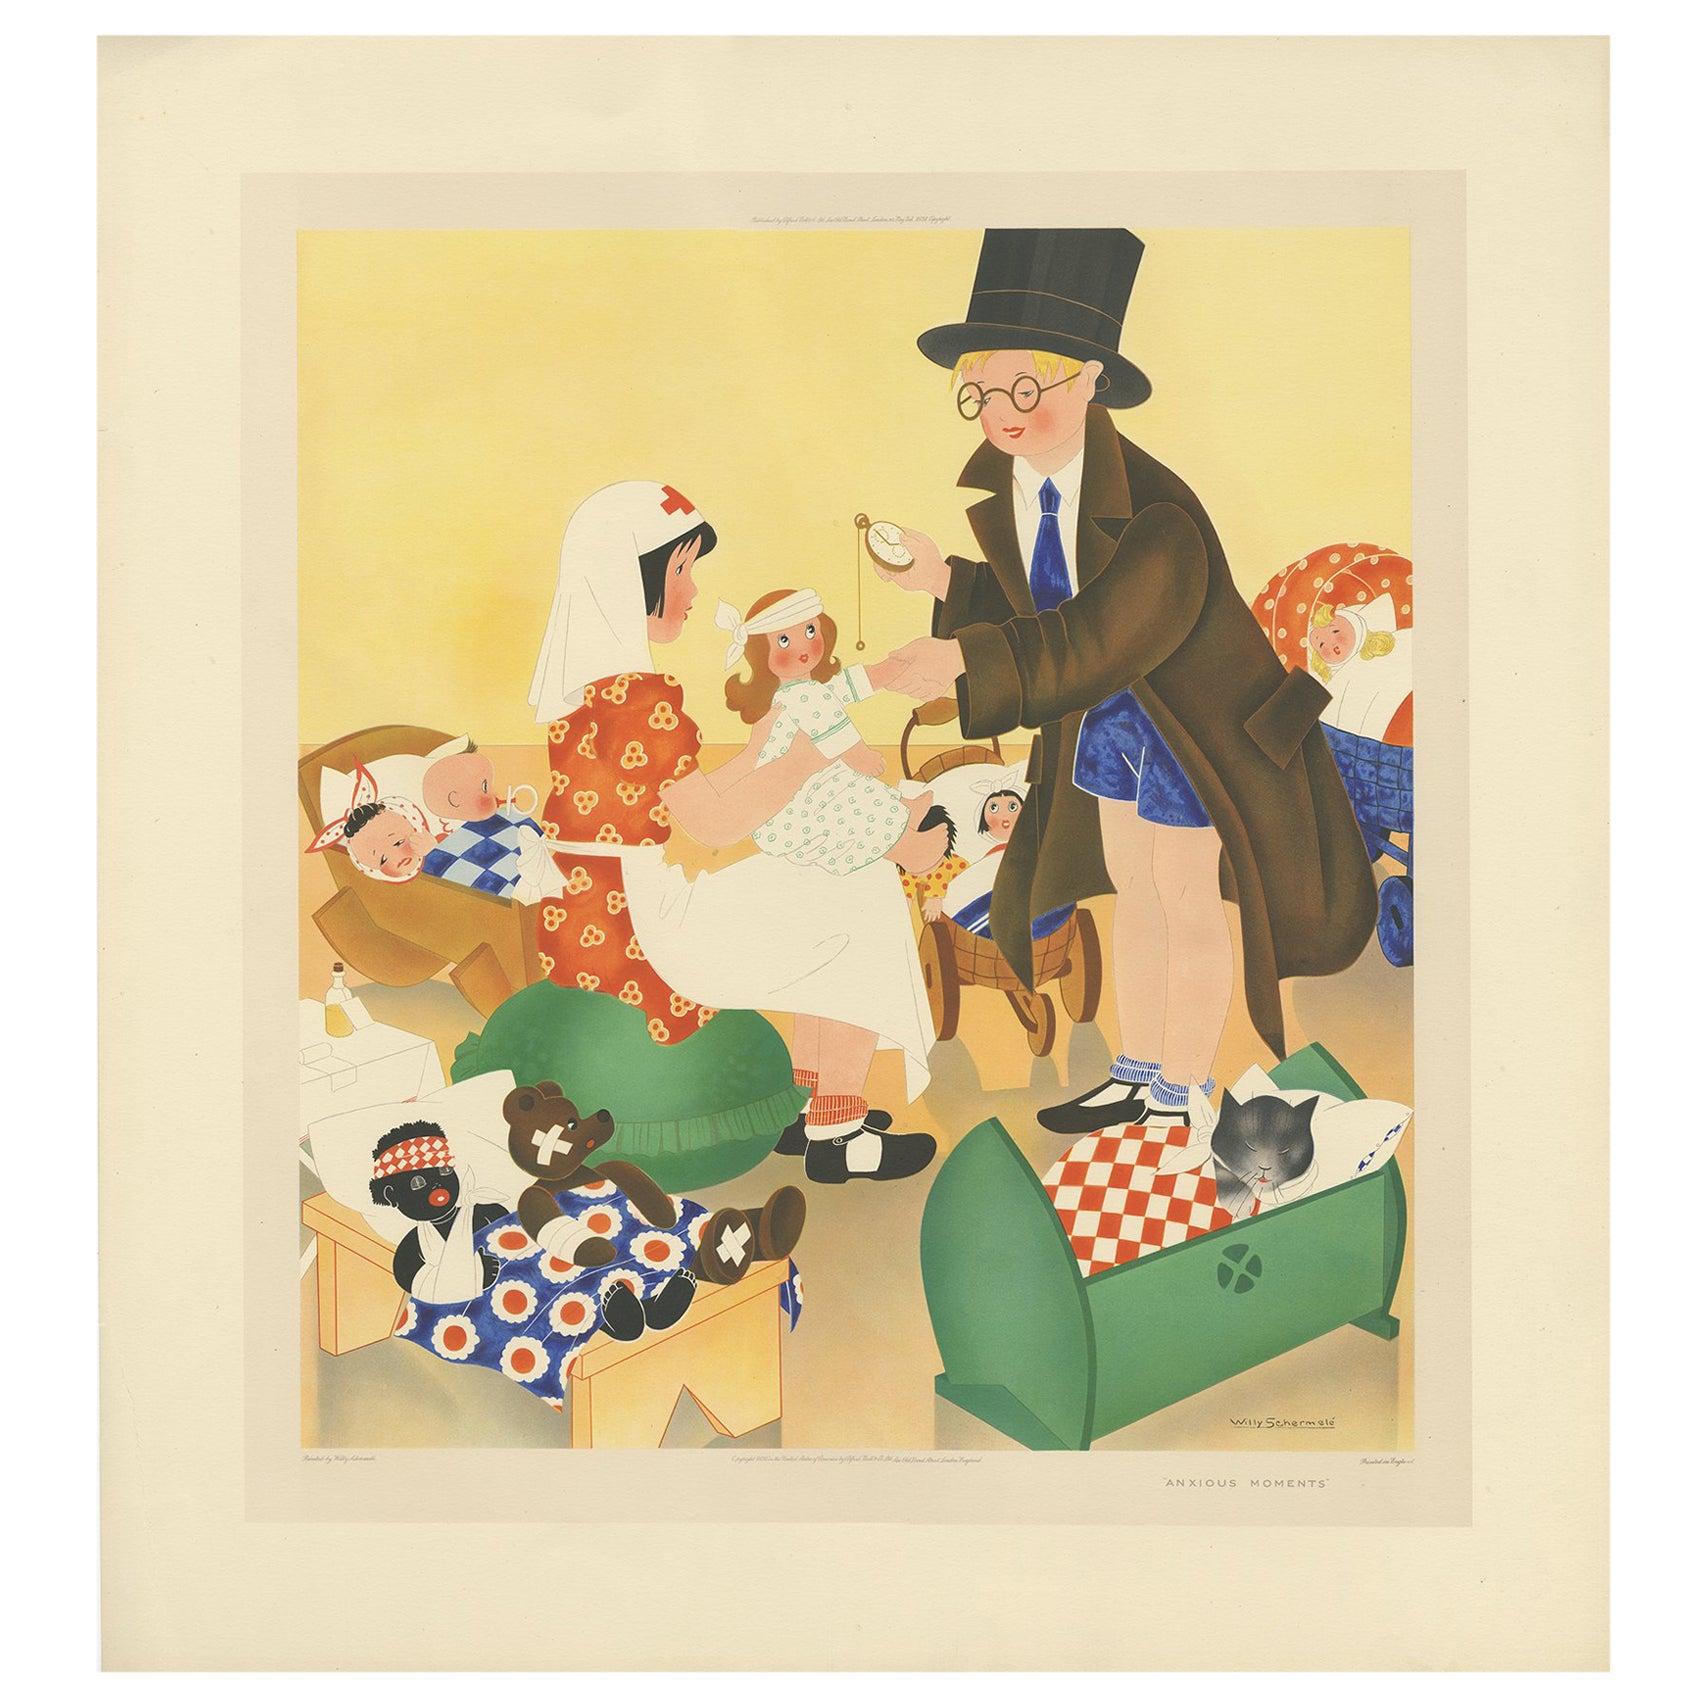 Antique Print 'Anxious Moments' by W. Schermelé, 1937